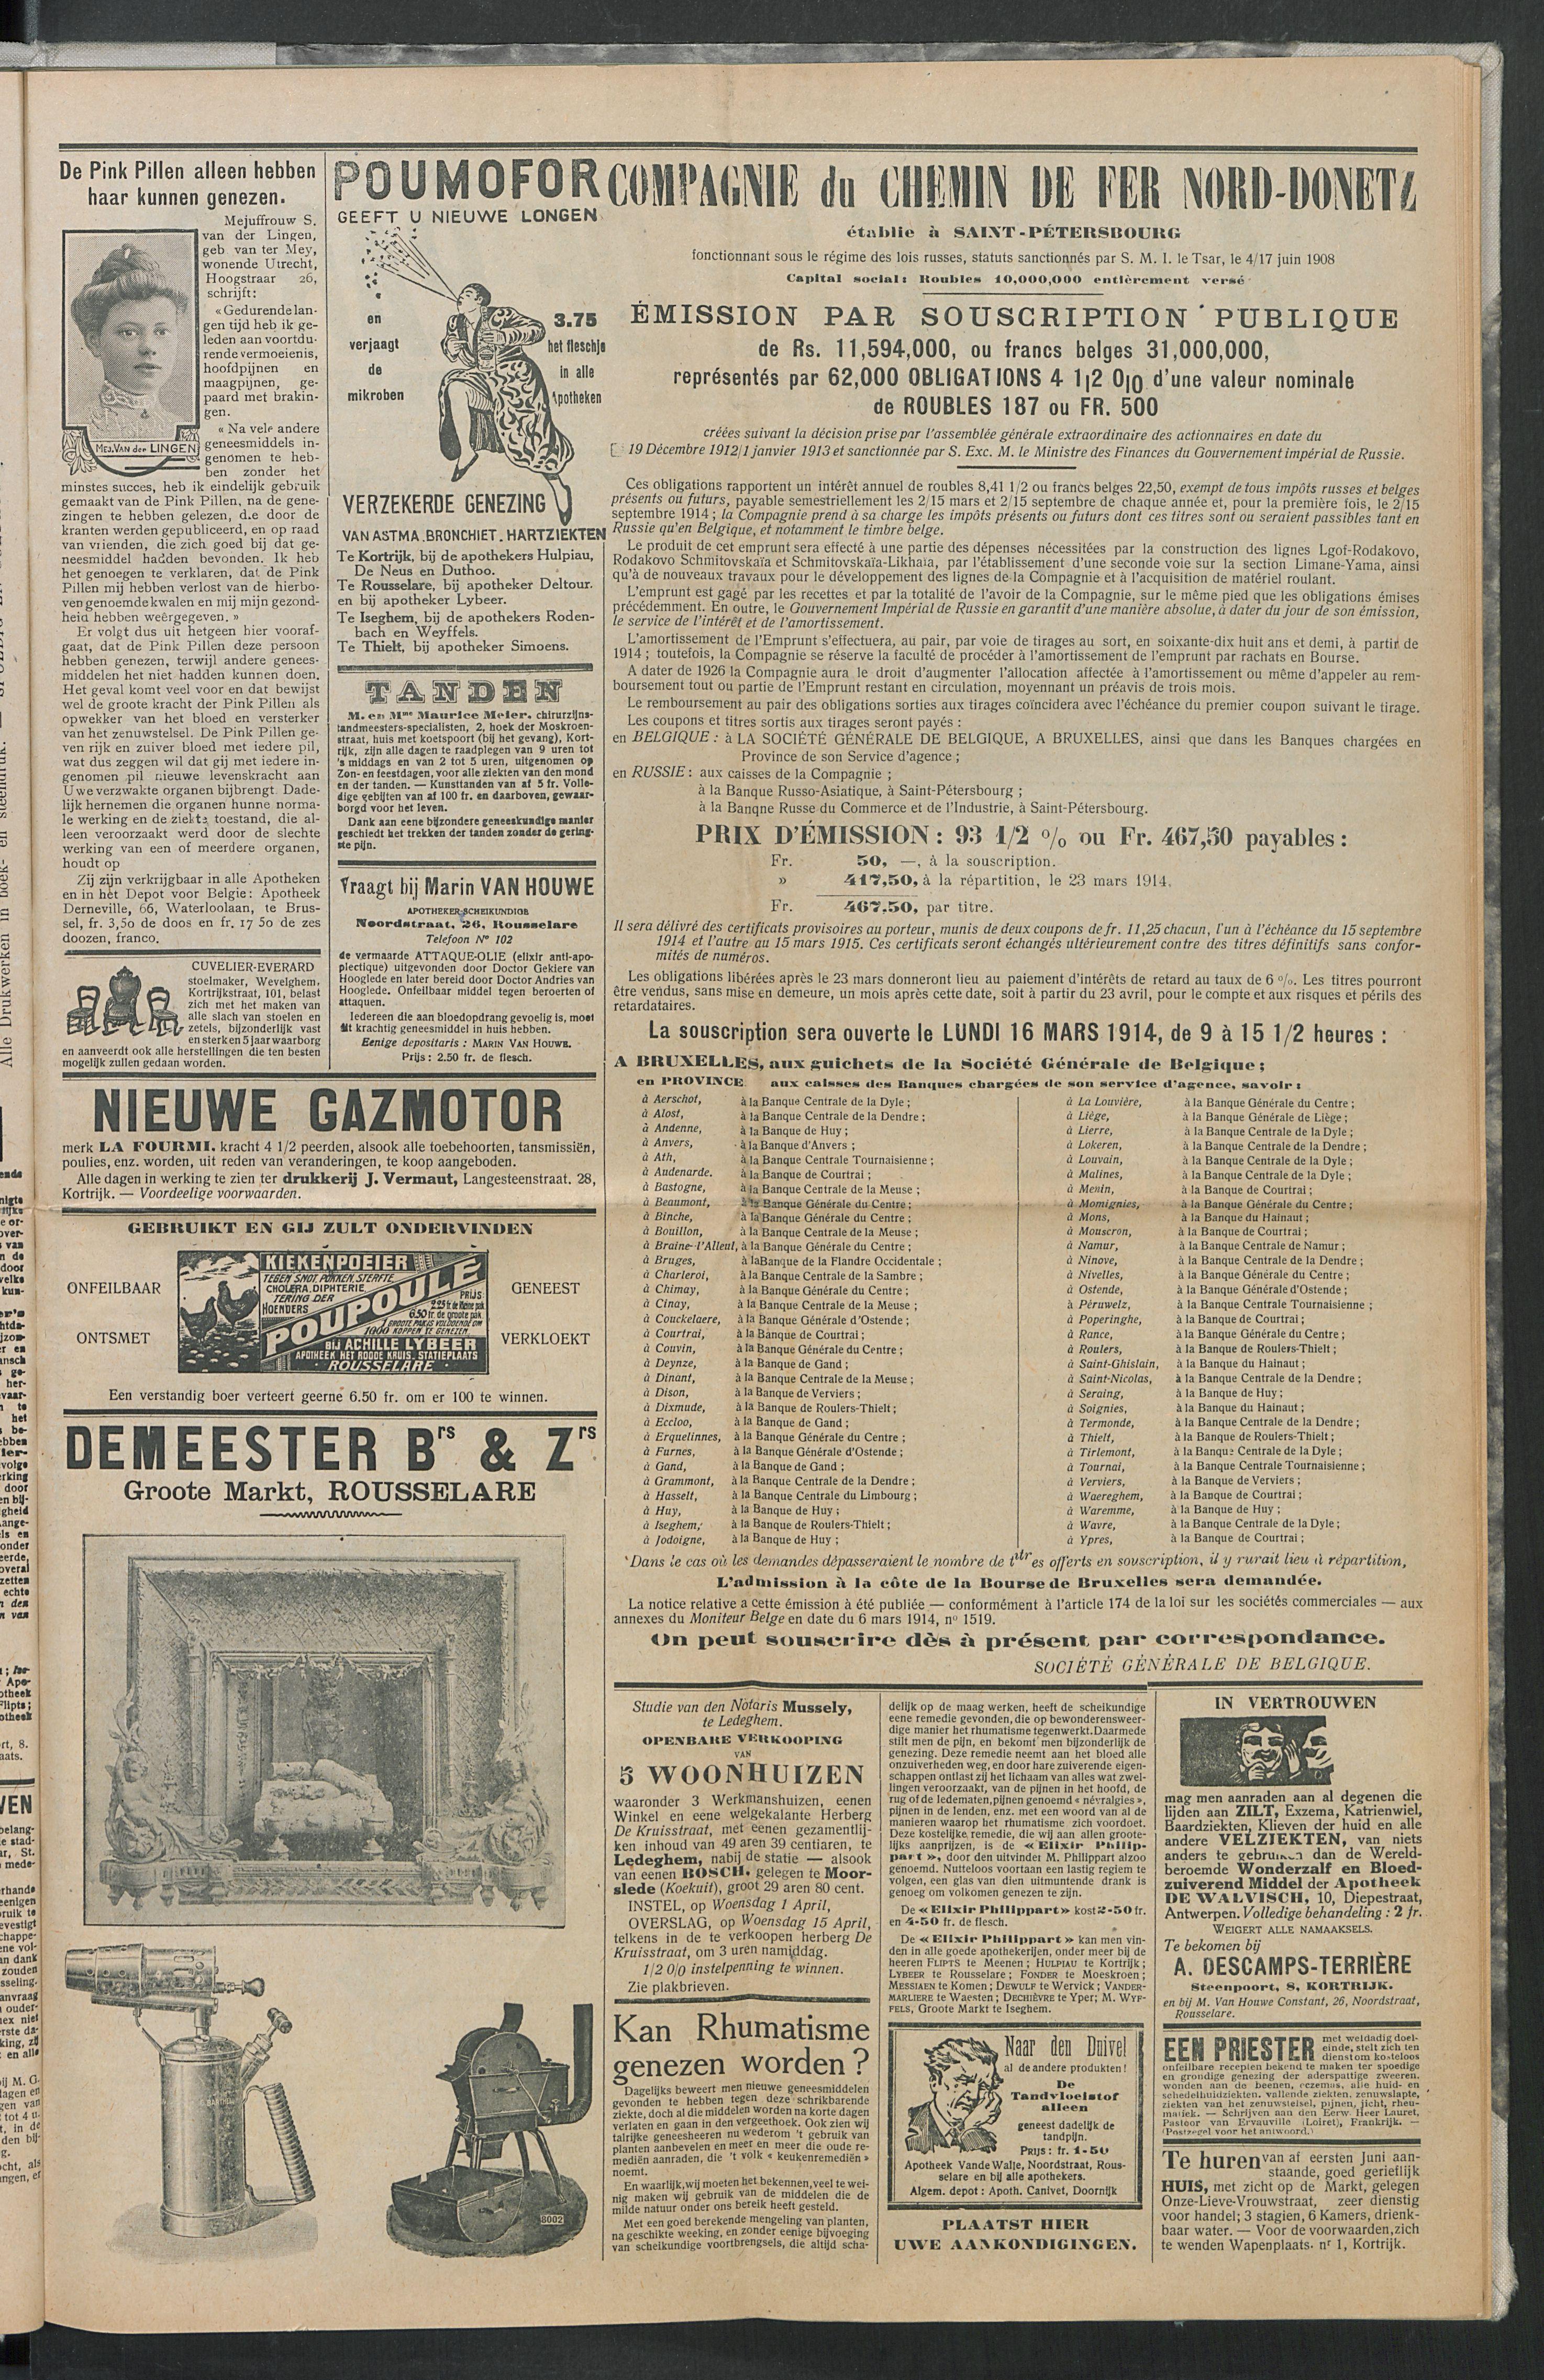 Het Kortrijksche Volk 1914-03-15 p7